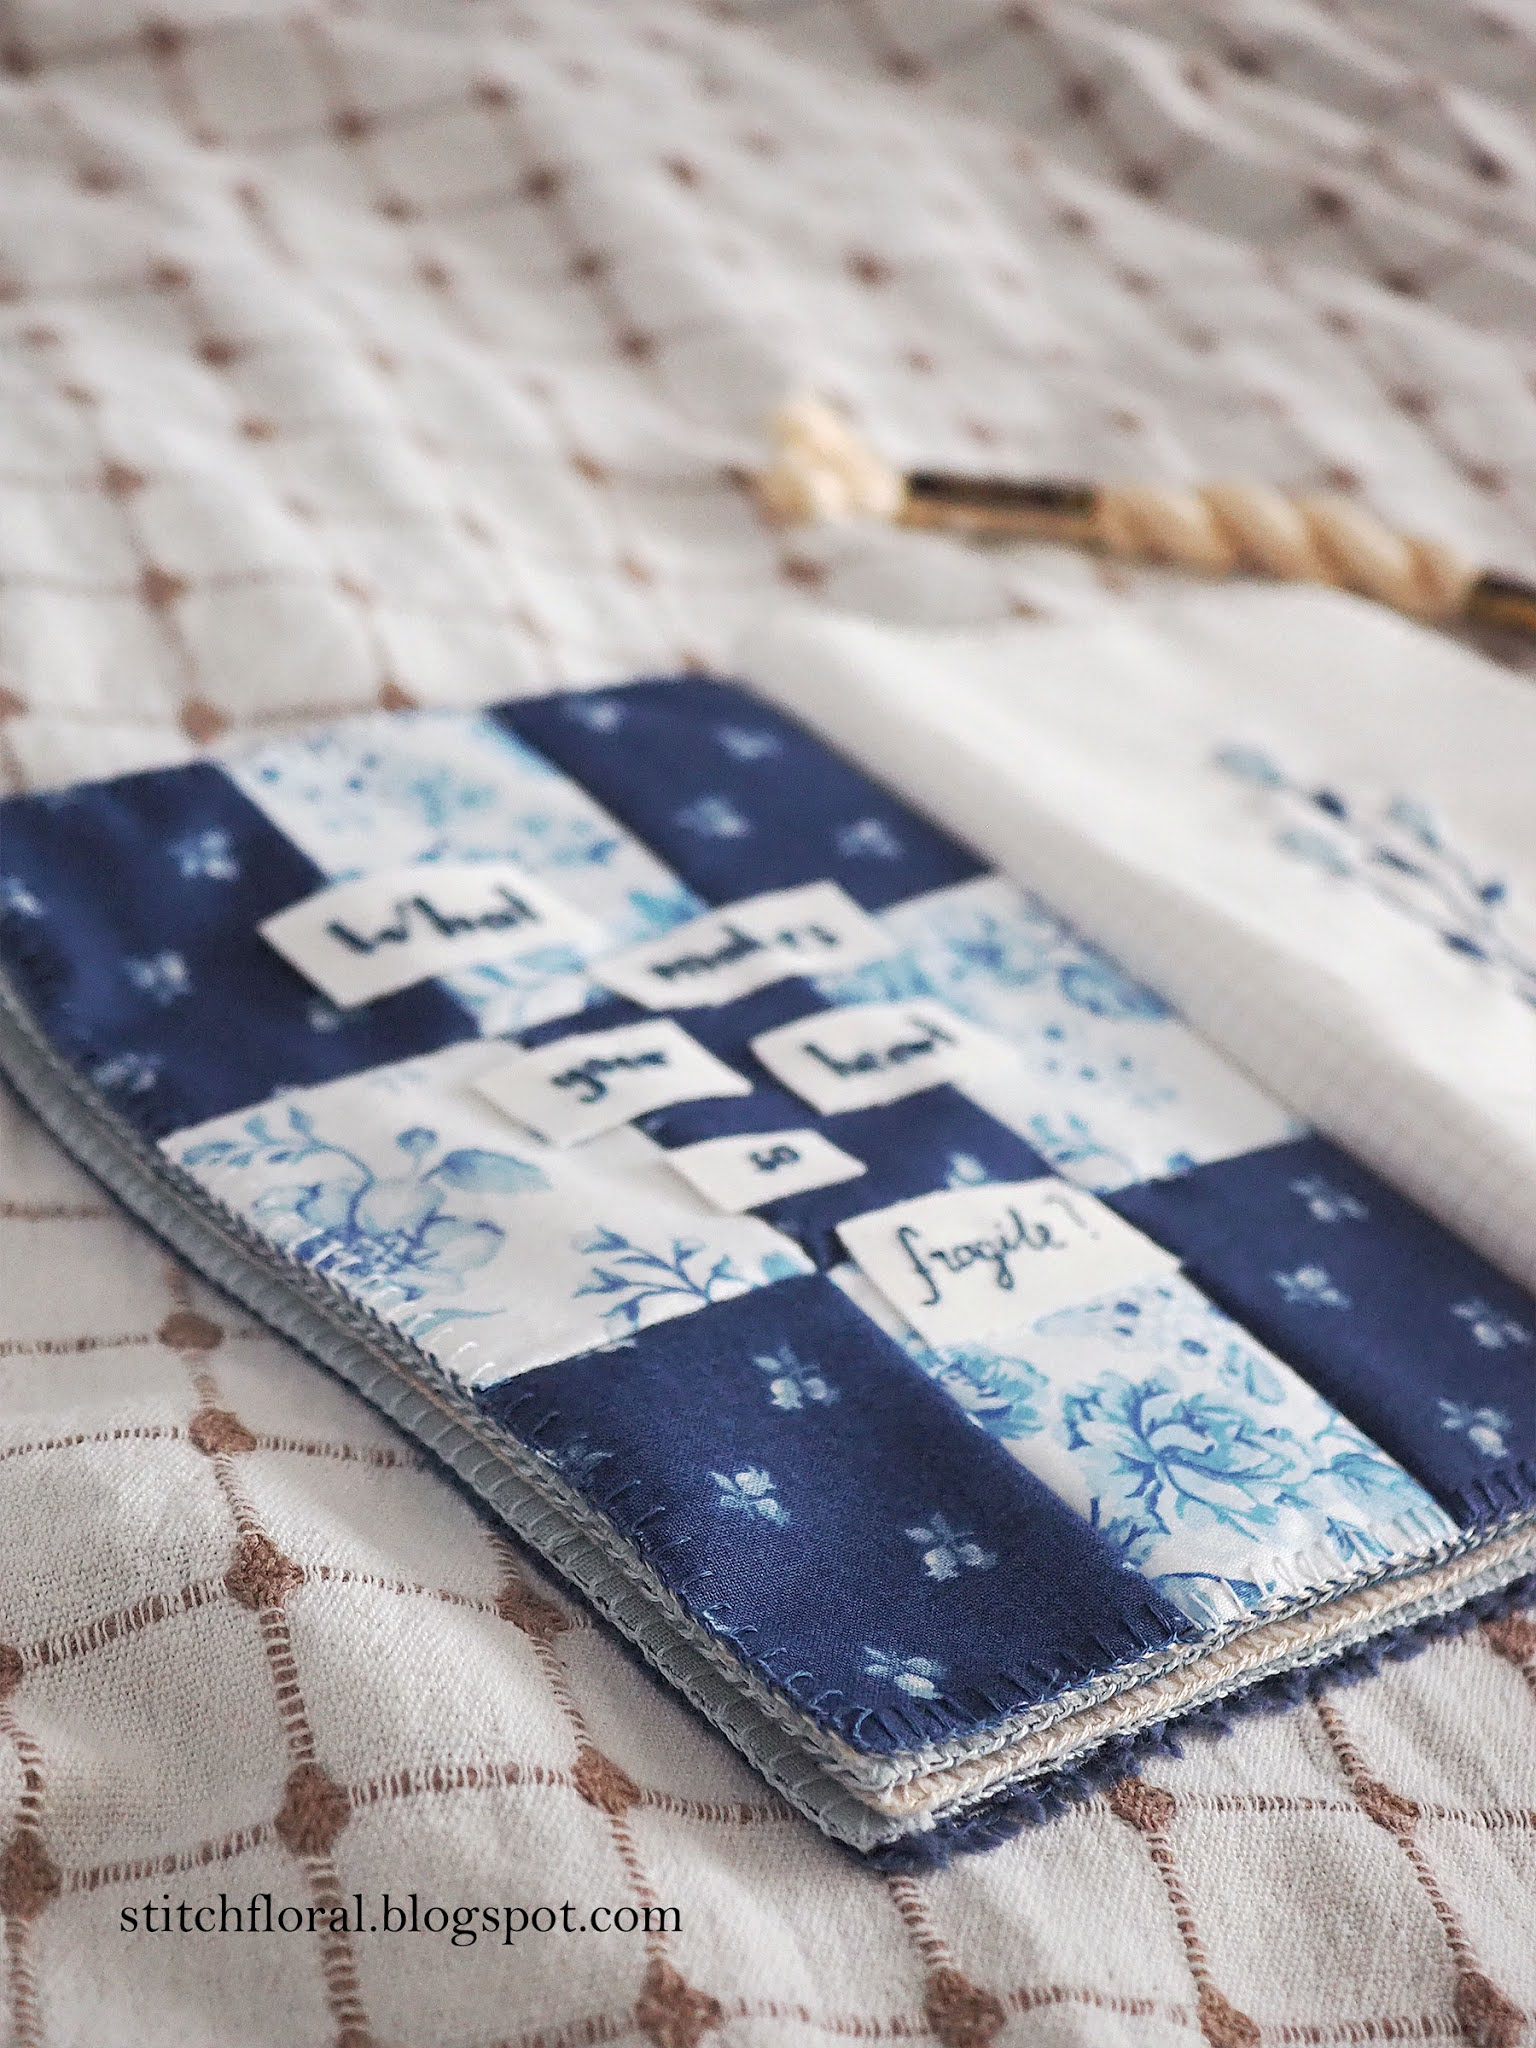 patchwork stitch book